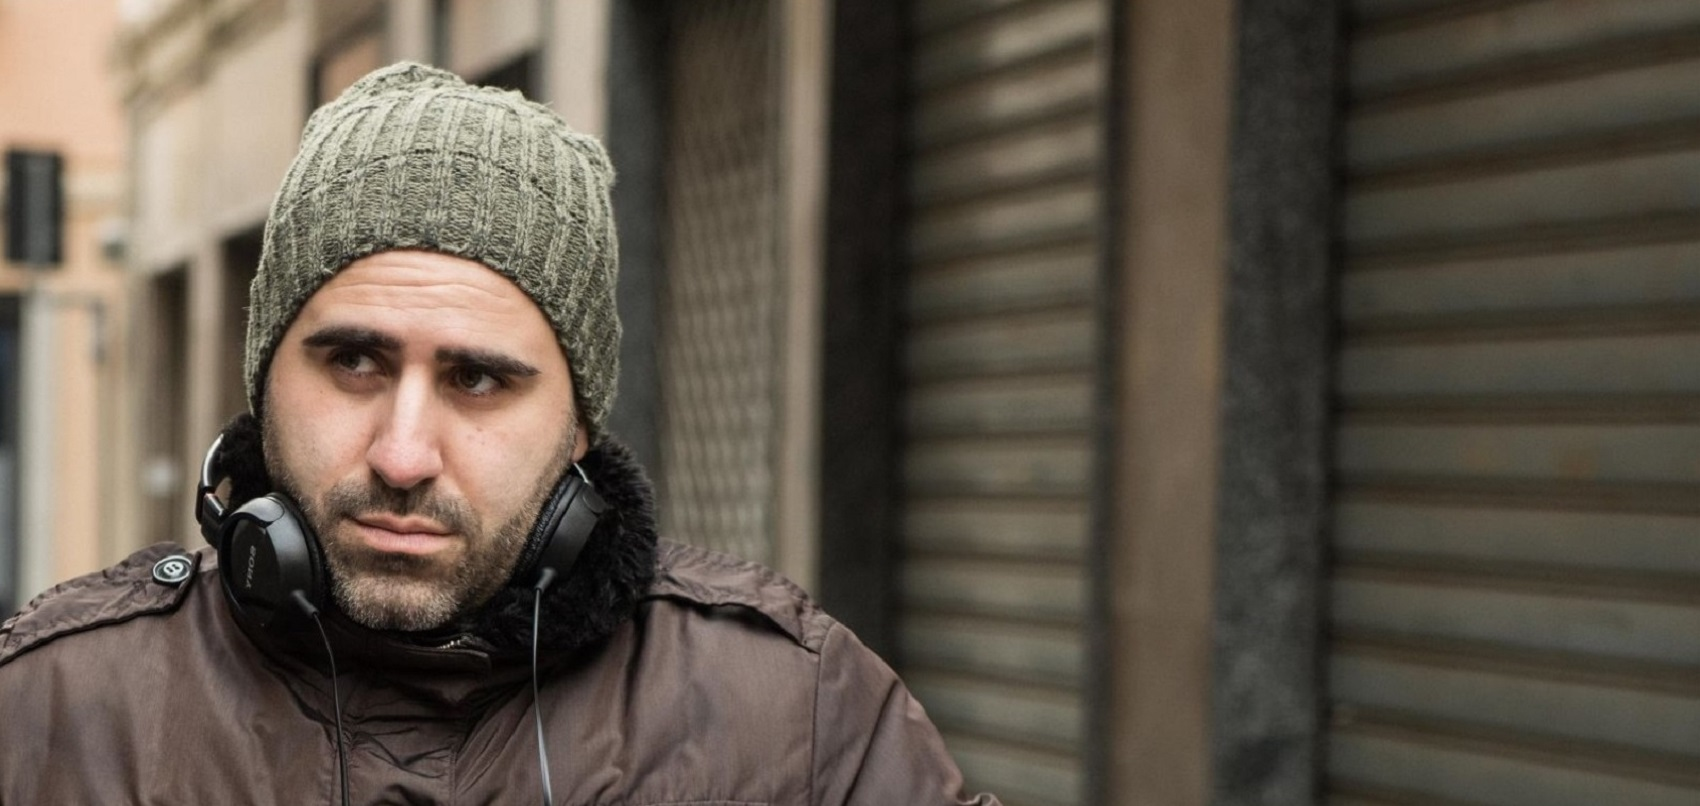 Intervista di Irene Gianeselli al regista Francesco Ghiaccio: fare cinema con il coraggio di rischiare